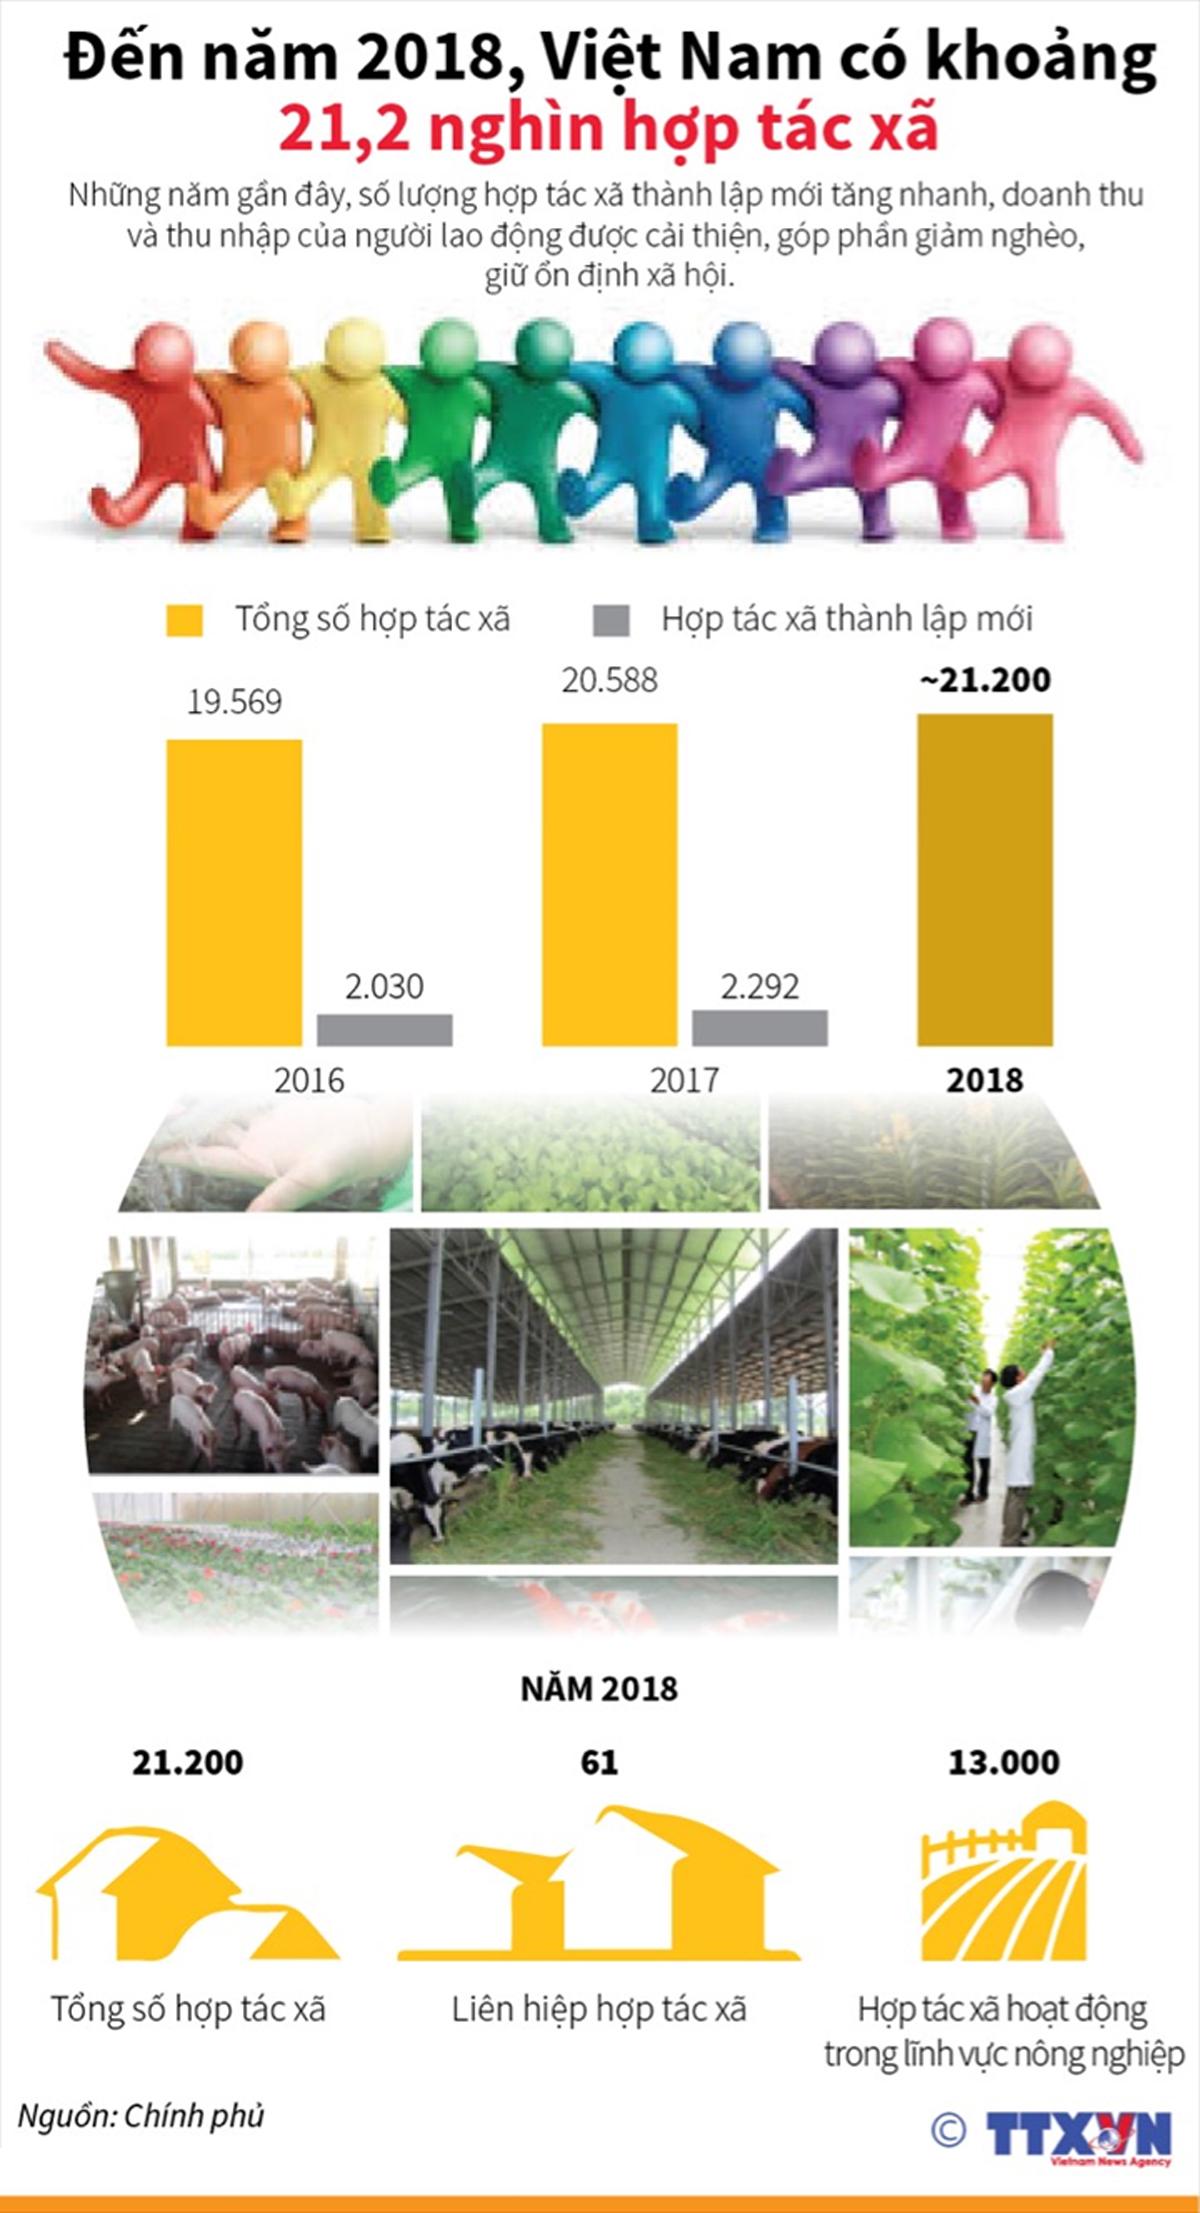 số lượng hợp tác xã, thành lập mới, tăng nhanh, doanh thu, người lao động, giảm nghèo, ổn định xã hội